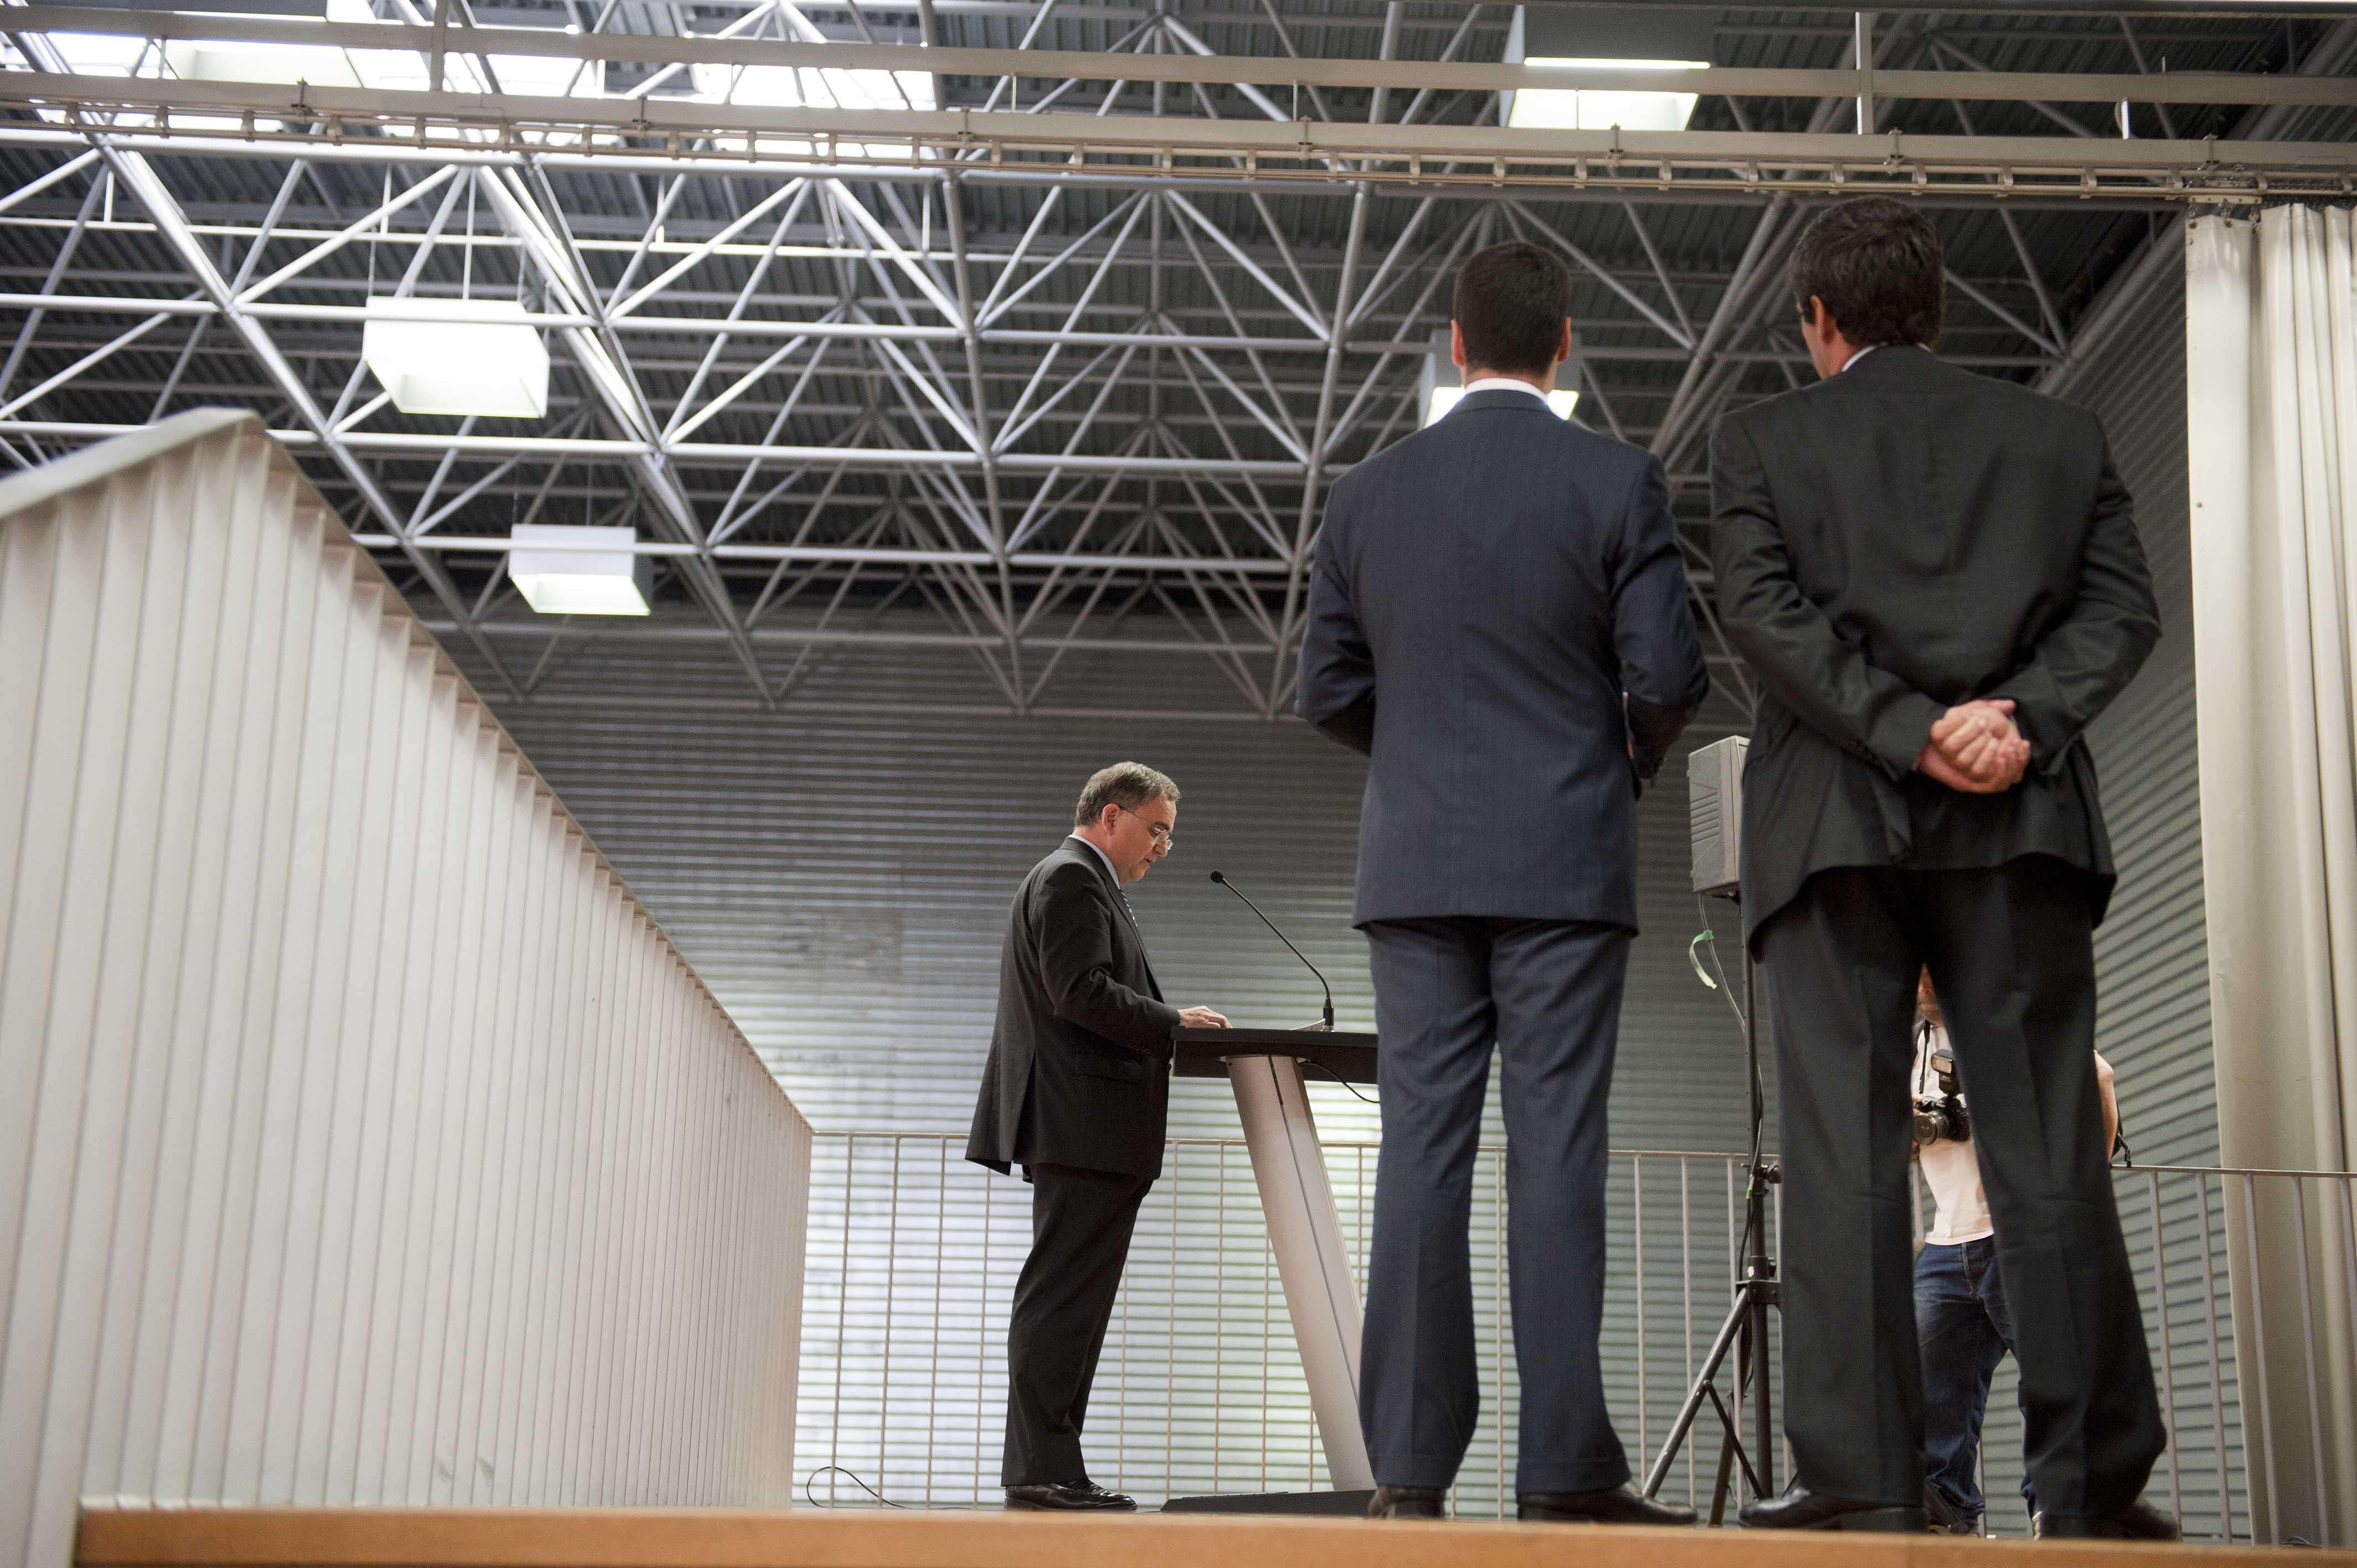 2011_09_27_industria_cumbre_industrial_atril.jpg